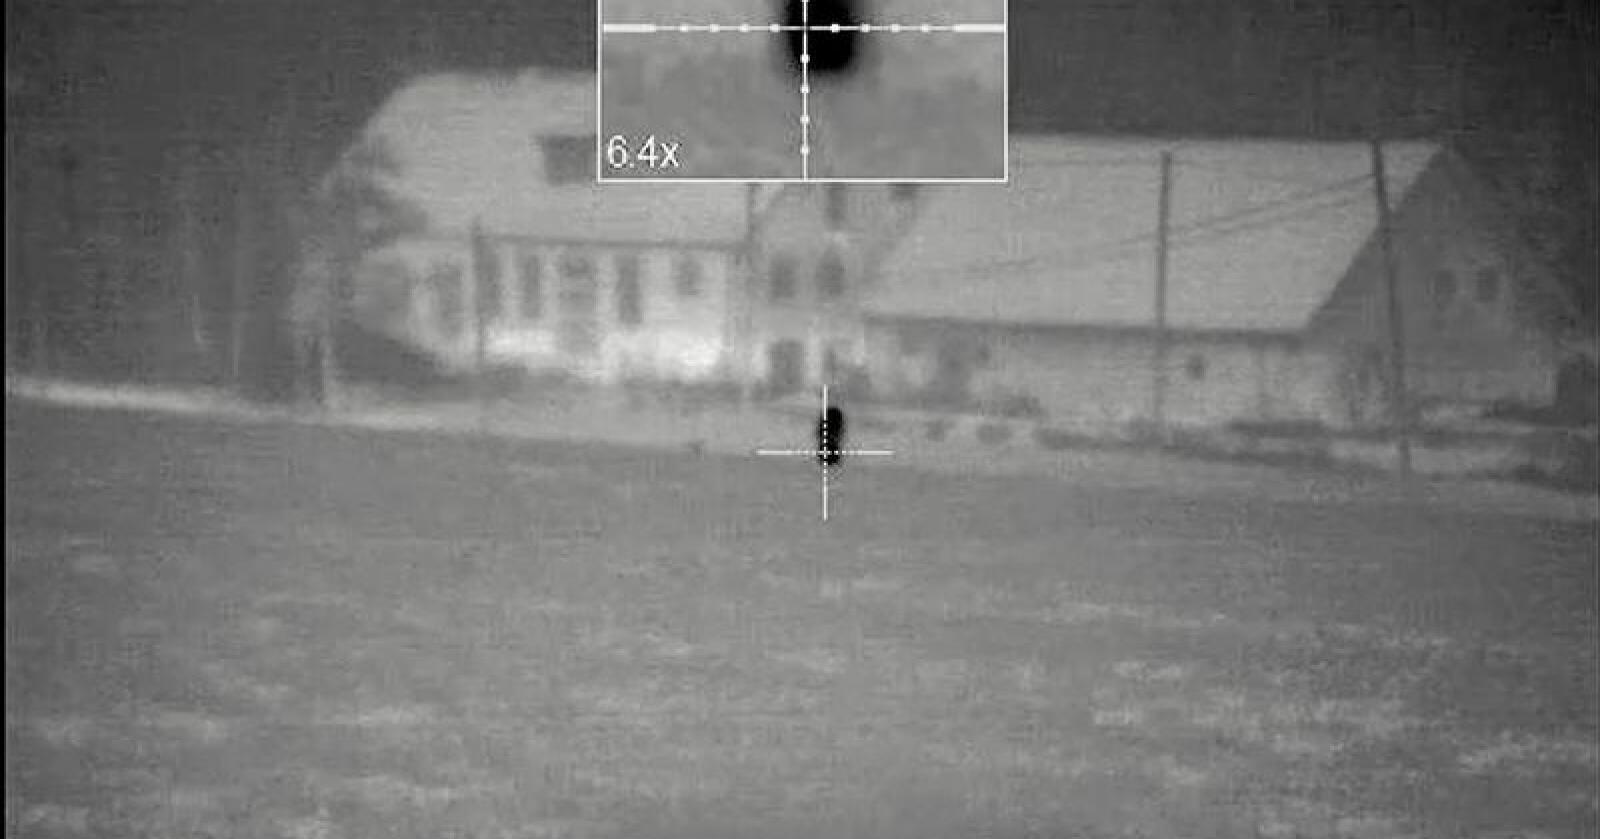 Bildet er hentet fra en video av skuddet. Se videoen nede i saken. Foto: Åklagarmyndigheten